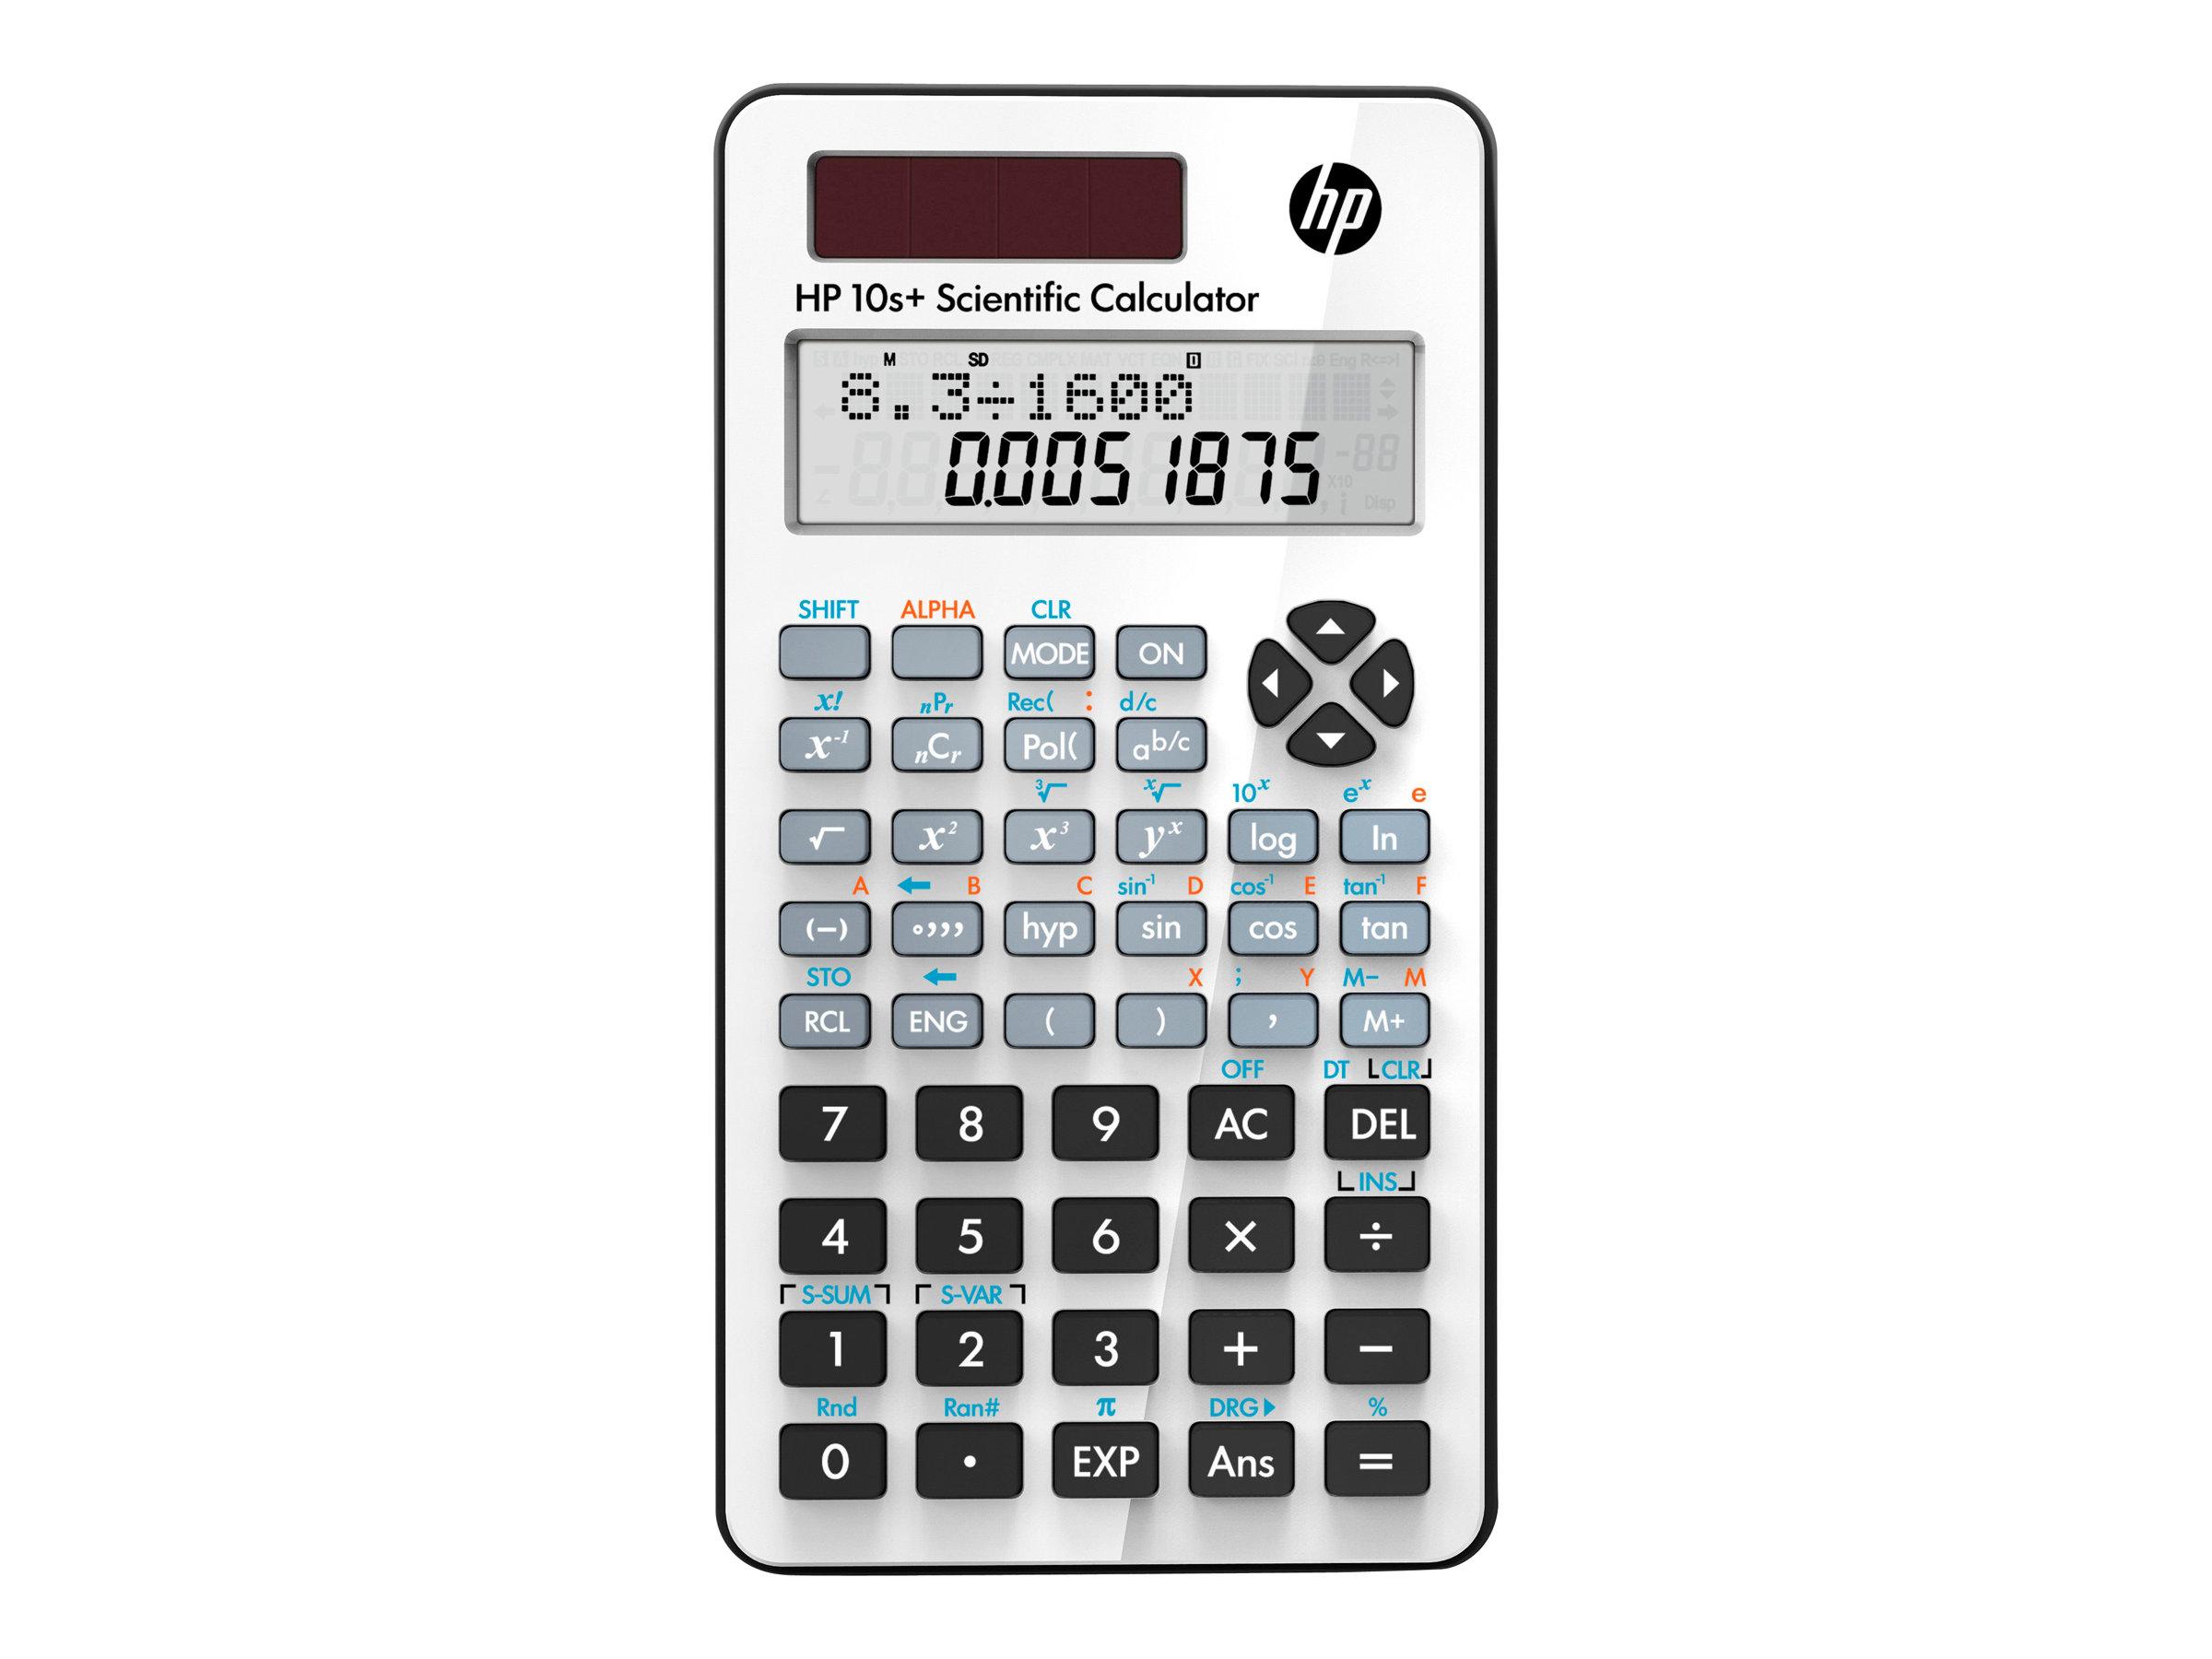 HP 10s+ - Wissenschaftlicher Taschenrechner - 10 Stellen + 2 Exponenten - Solarpanel, Batterie - weiss